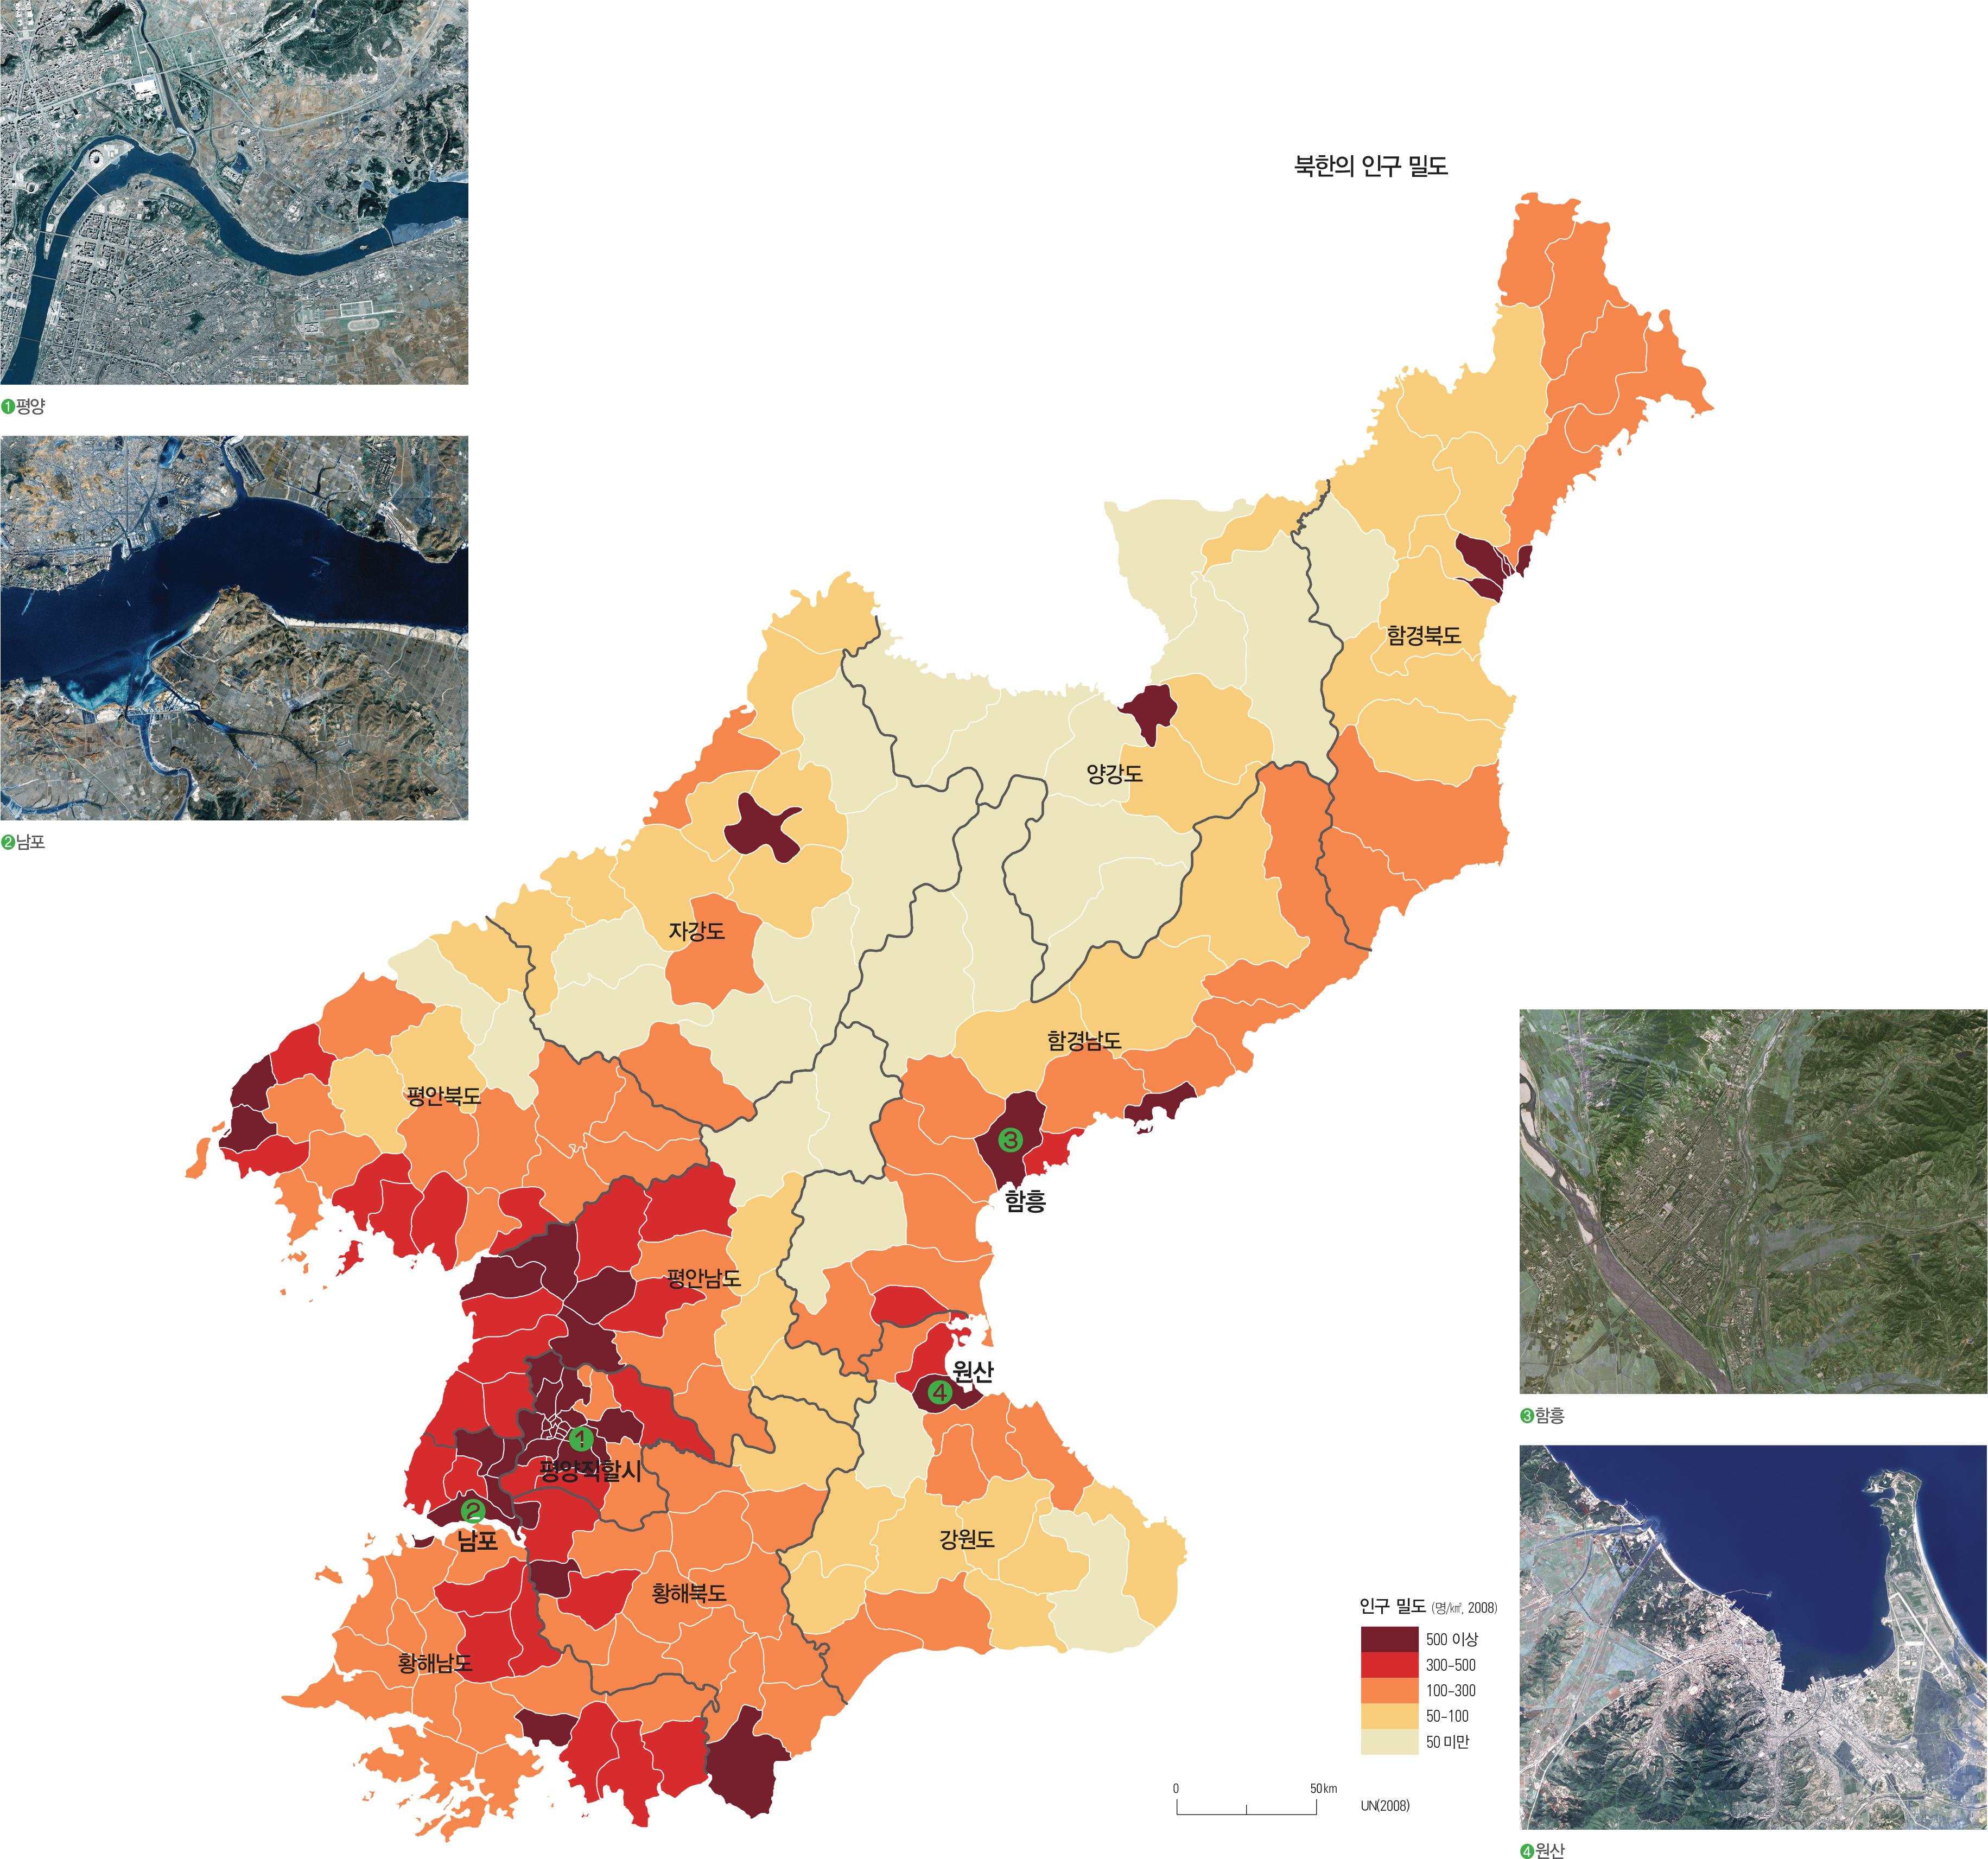 북한의 인구 밀도